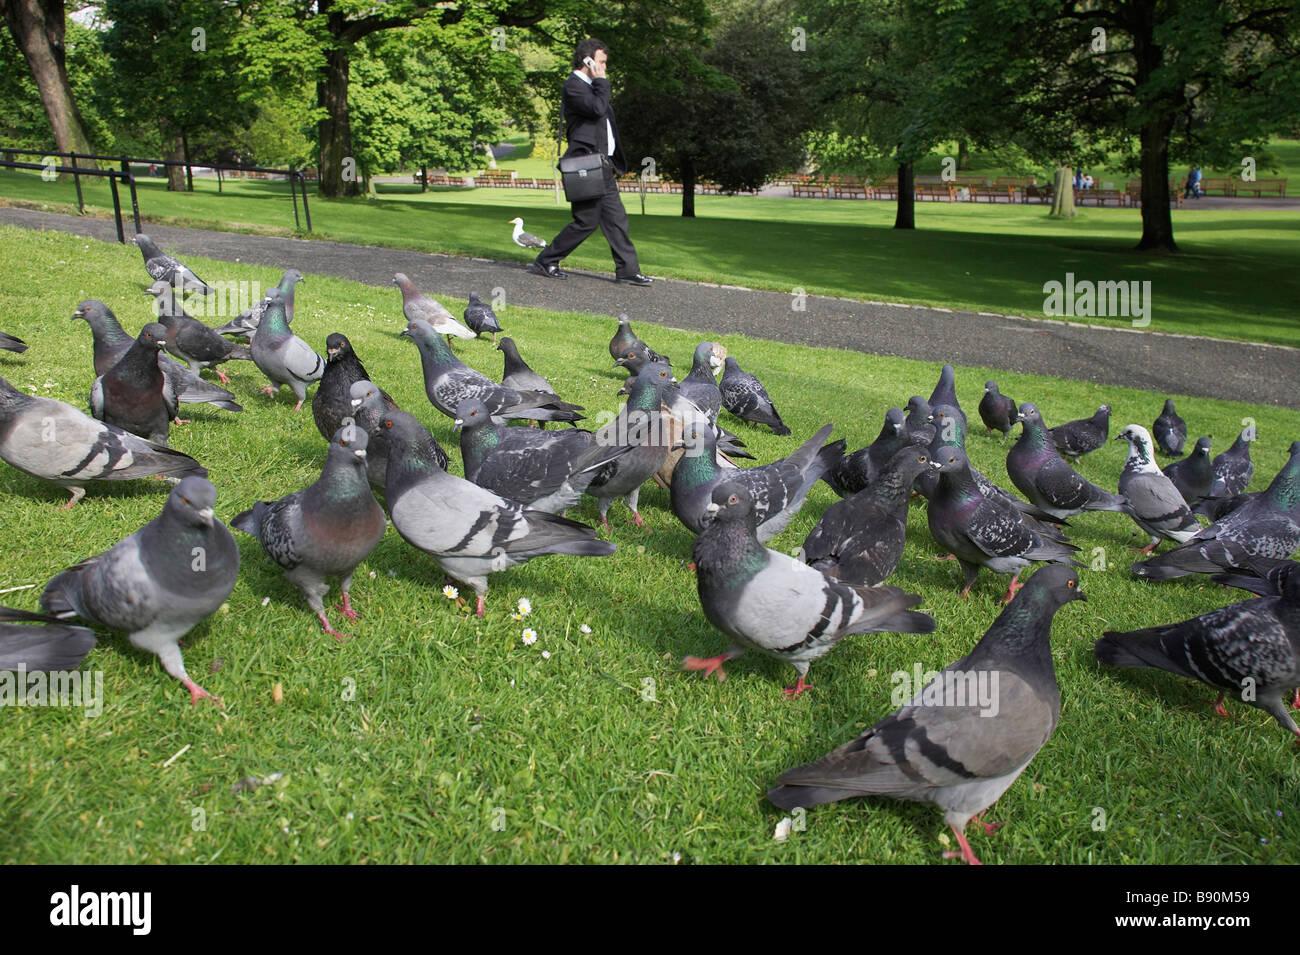 Feral palomas, palomas domésticas asilvestradas, Rock Las palomas (Columba livia domestica) en el parque de la ciudad con el transeúnte de teléfono móvil Foto de stock